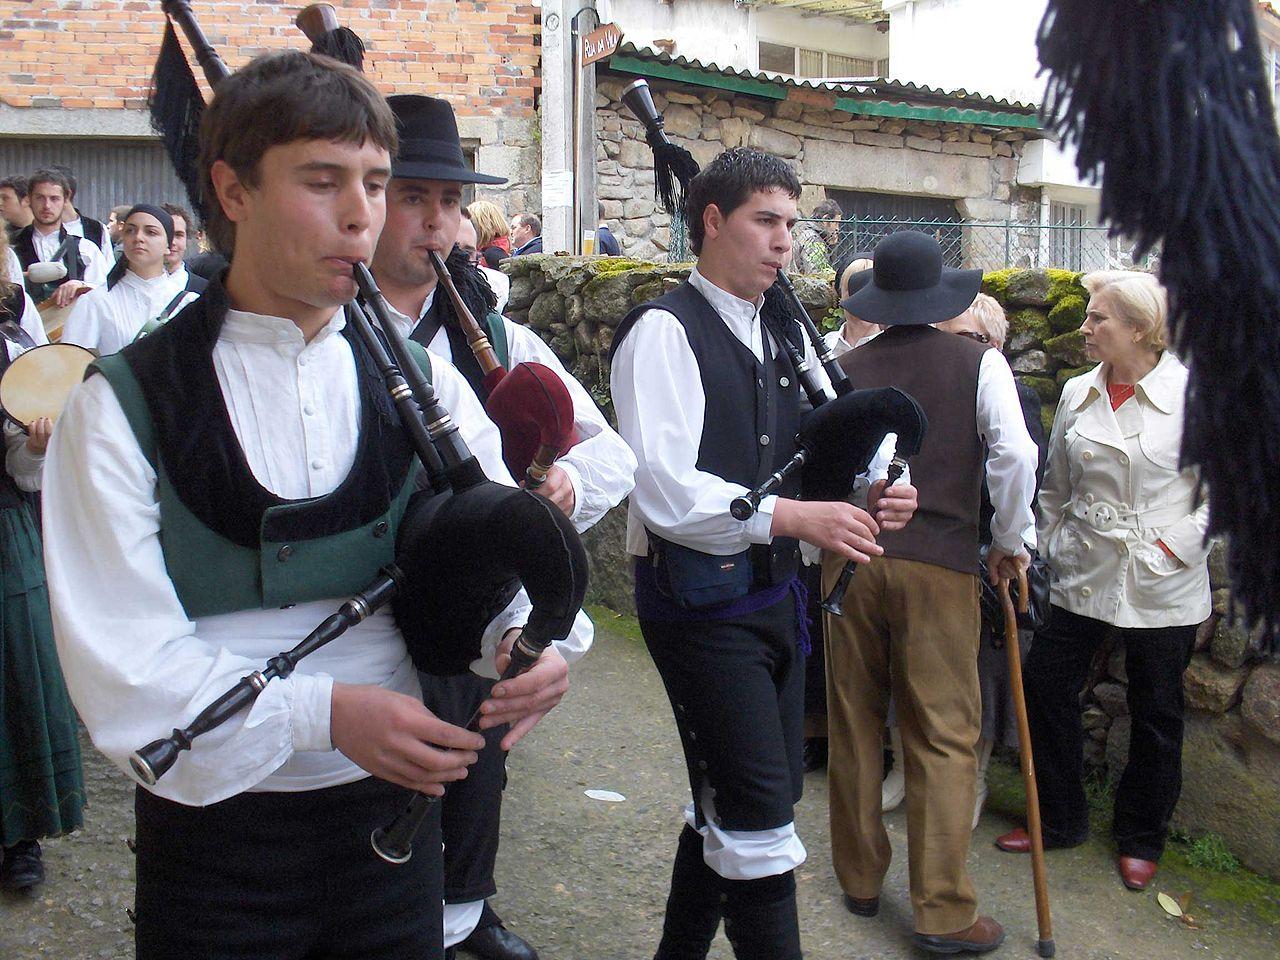 Gaiteros con el traje regional gallego